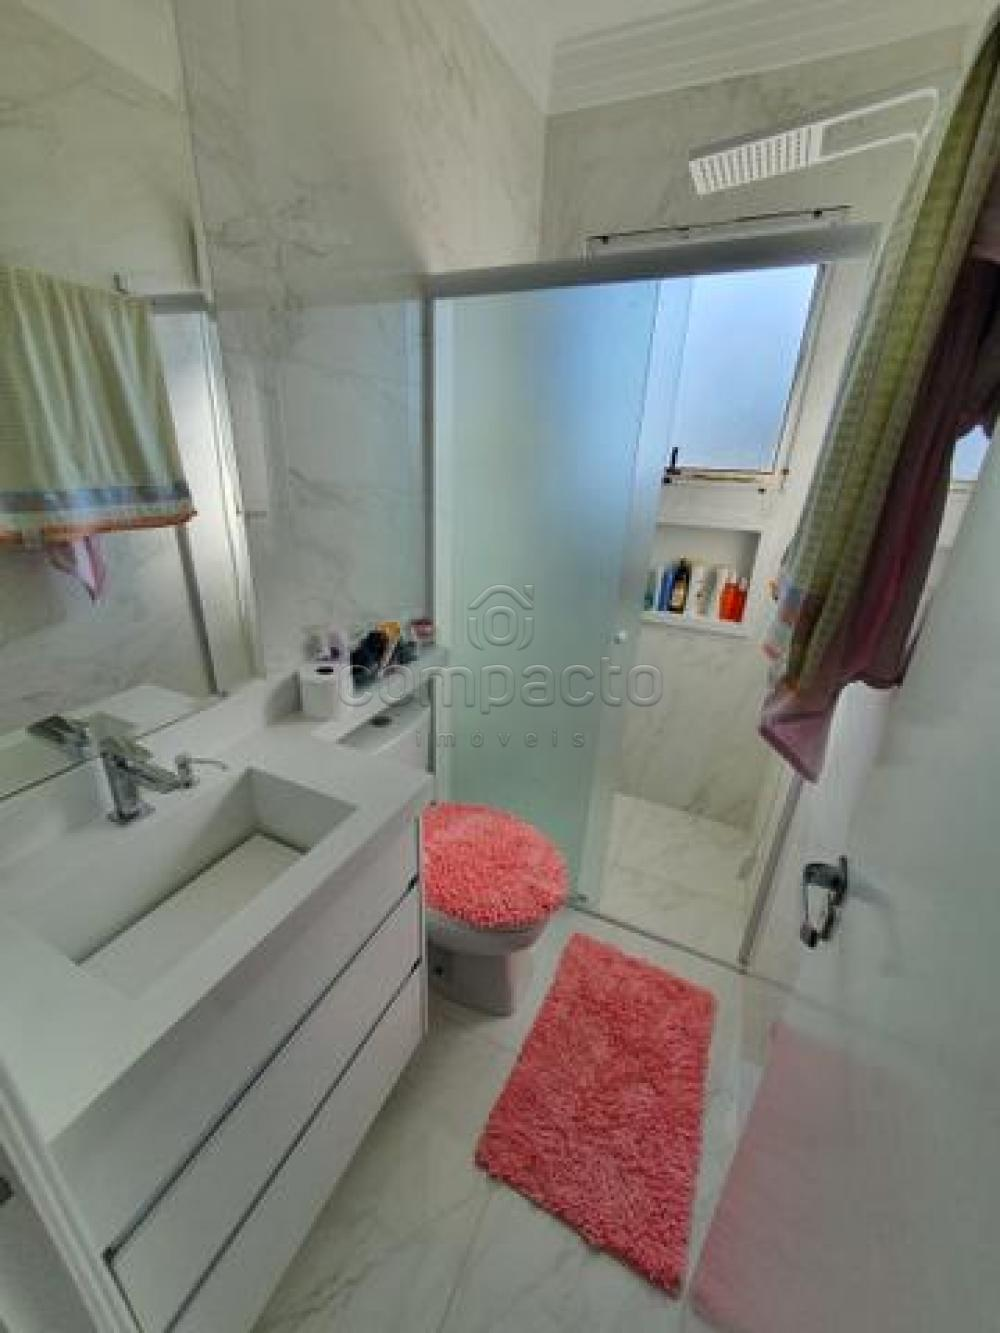 Comprar Casa / Condomínio em São José do Rio Preto apenas R$ 535.000,00 - Foto 12